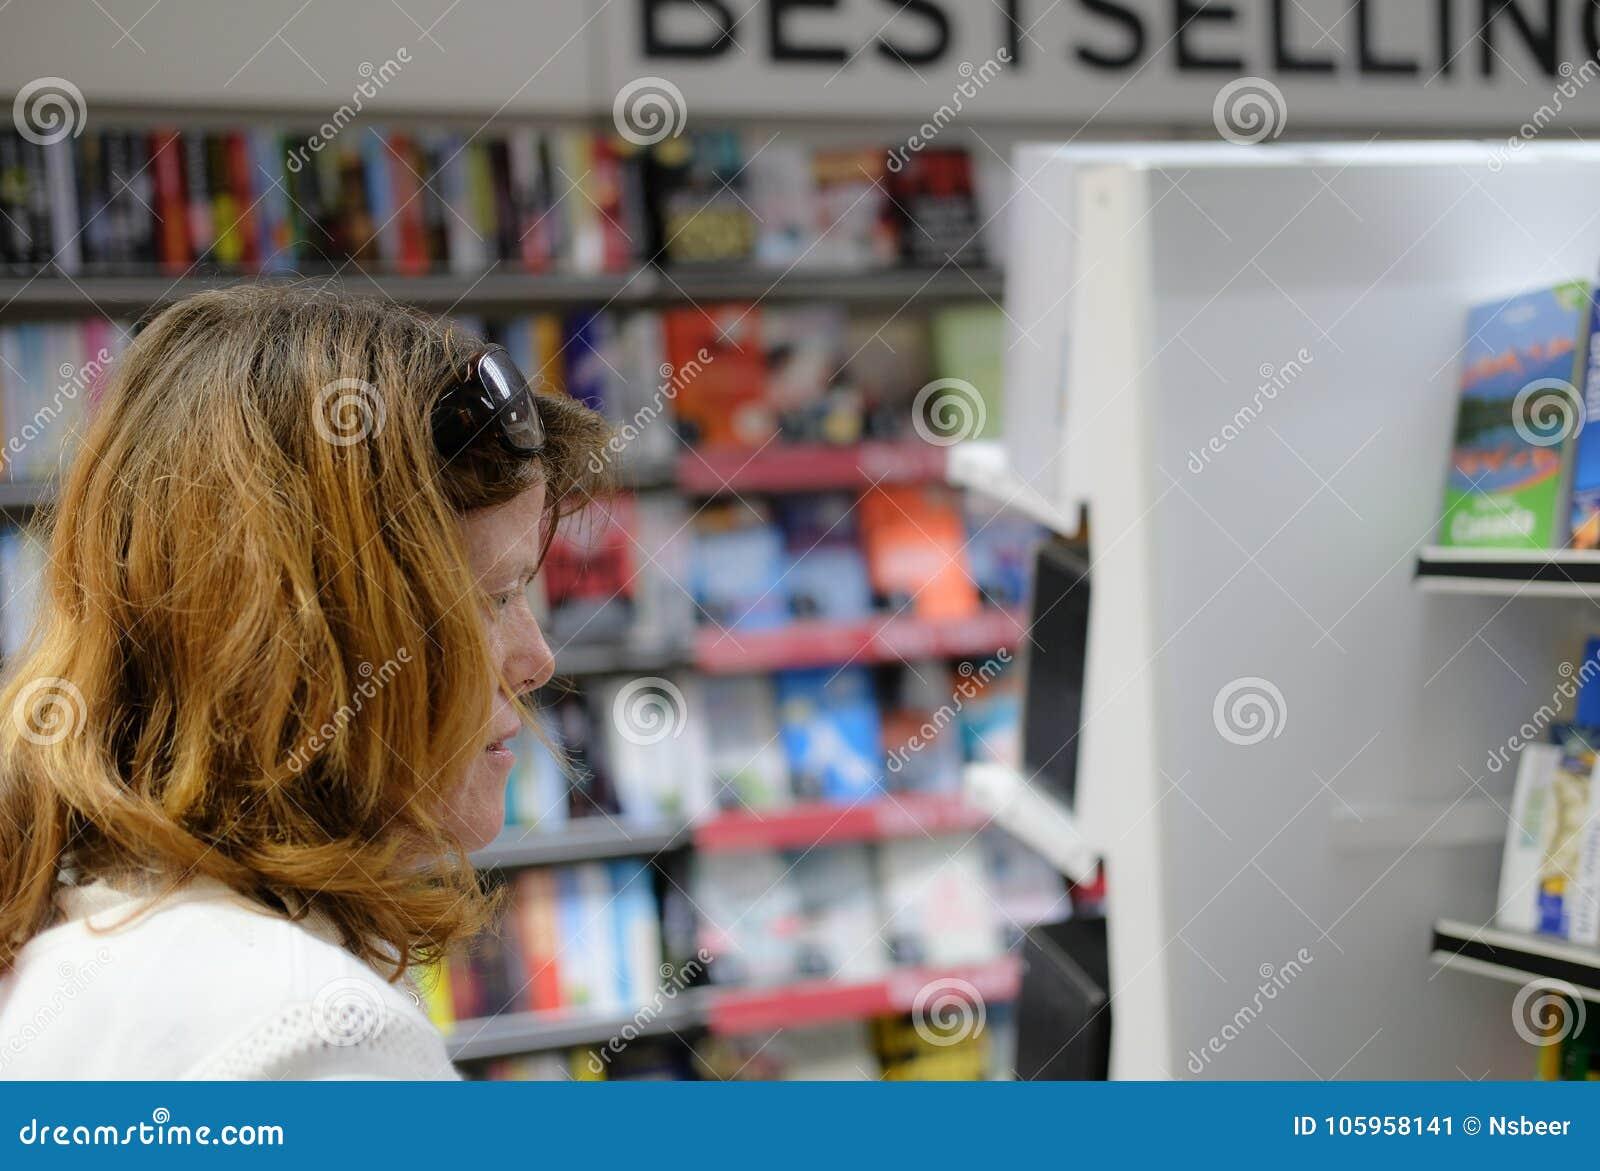 Mitglied dort der Öffentlichkeit, Bücher zu betrachten gesehen, wie in einem Hochstraßenzeitschriftenhändler und -buchhandlung ge